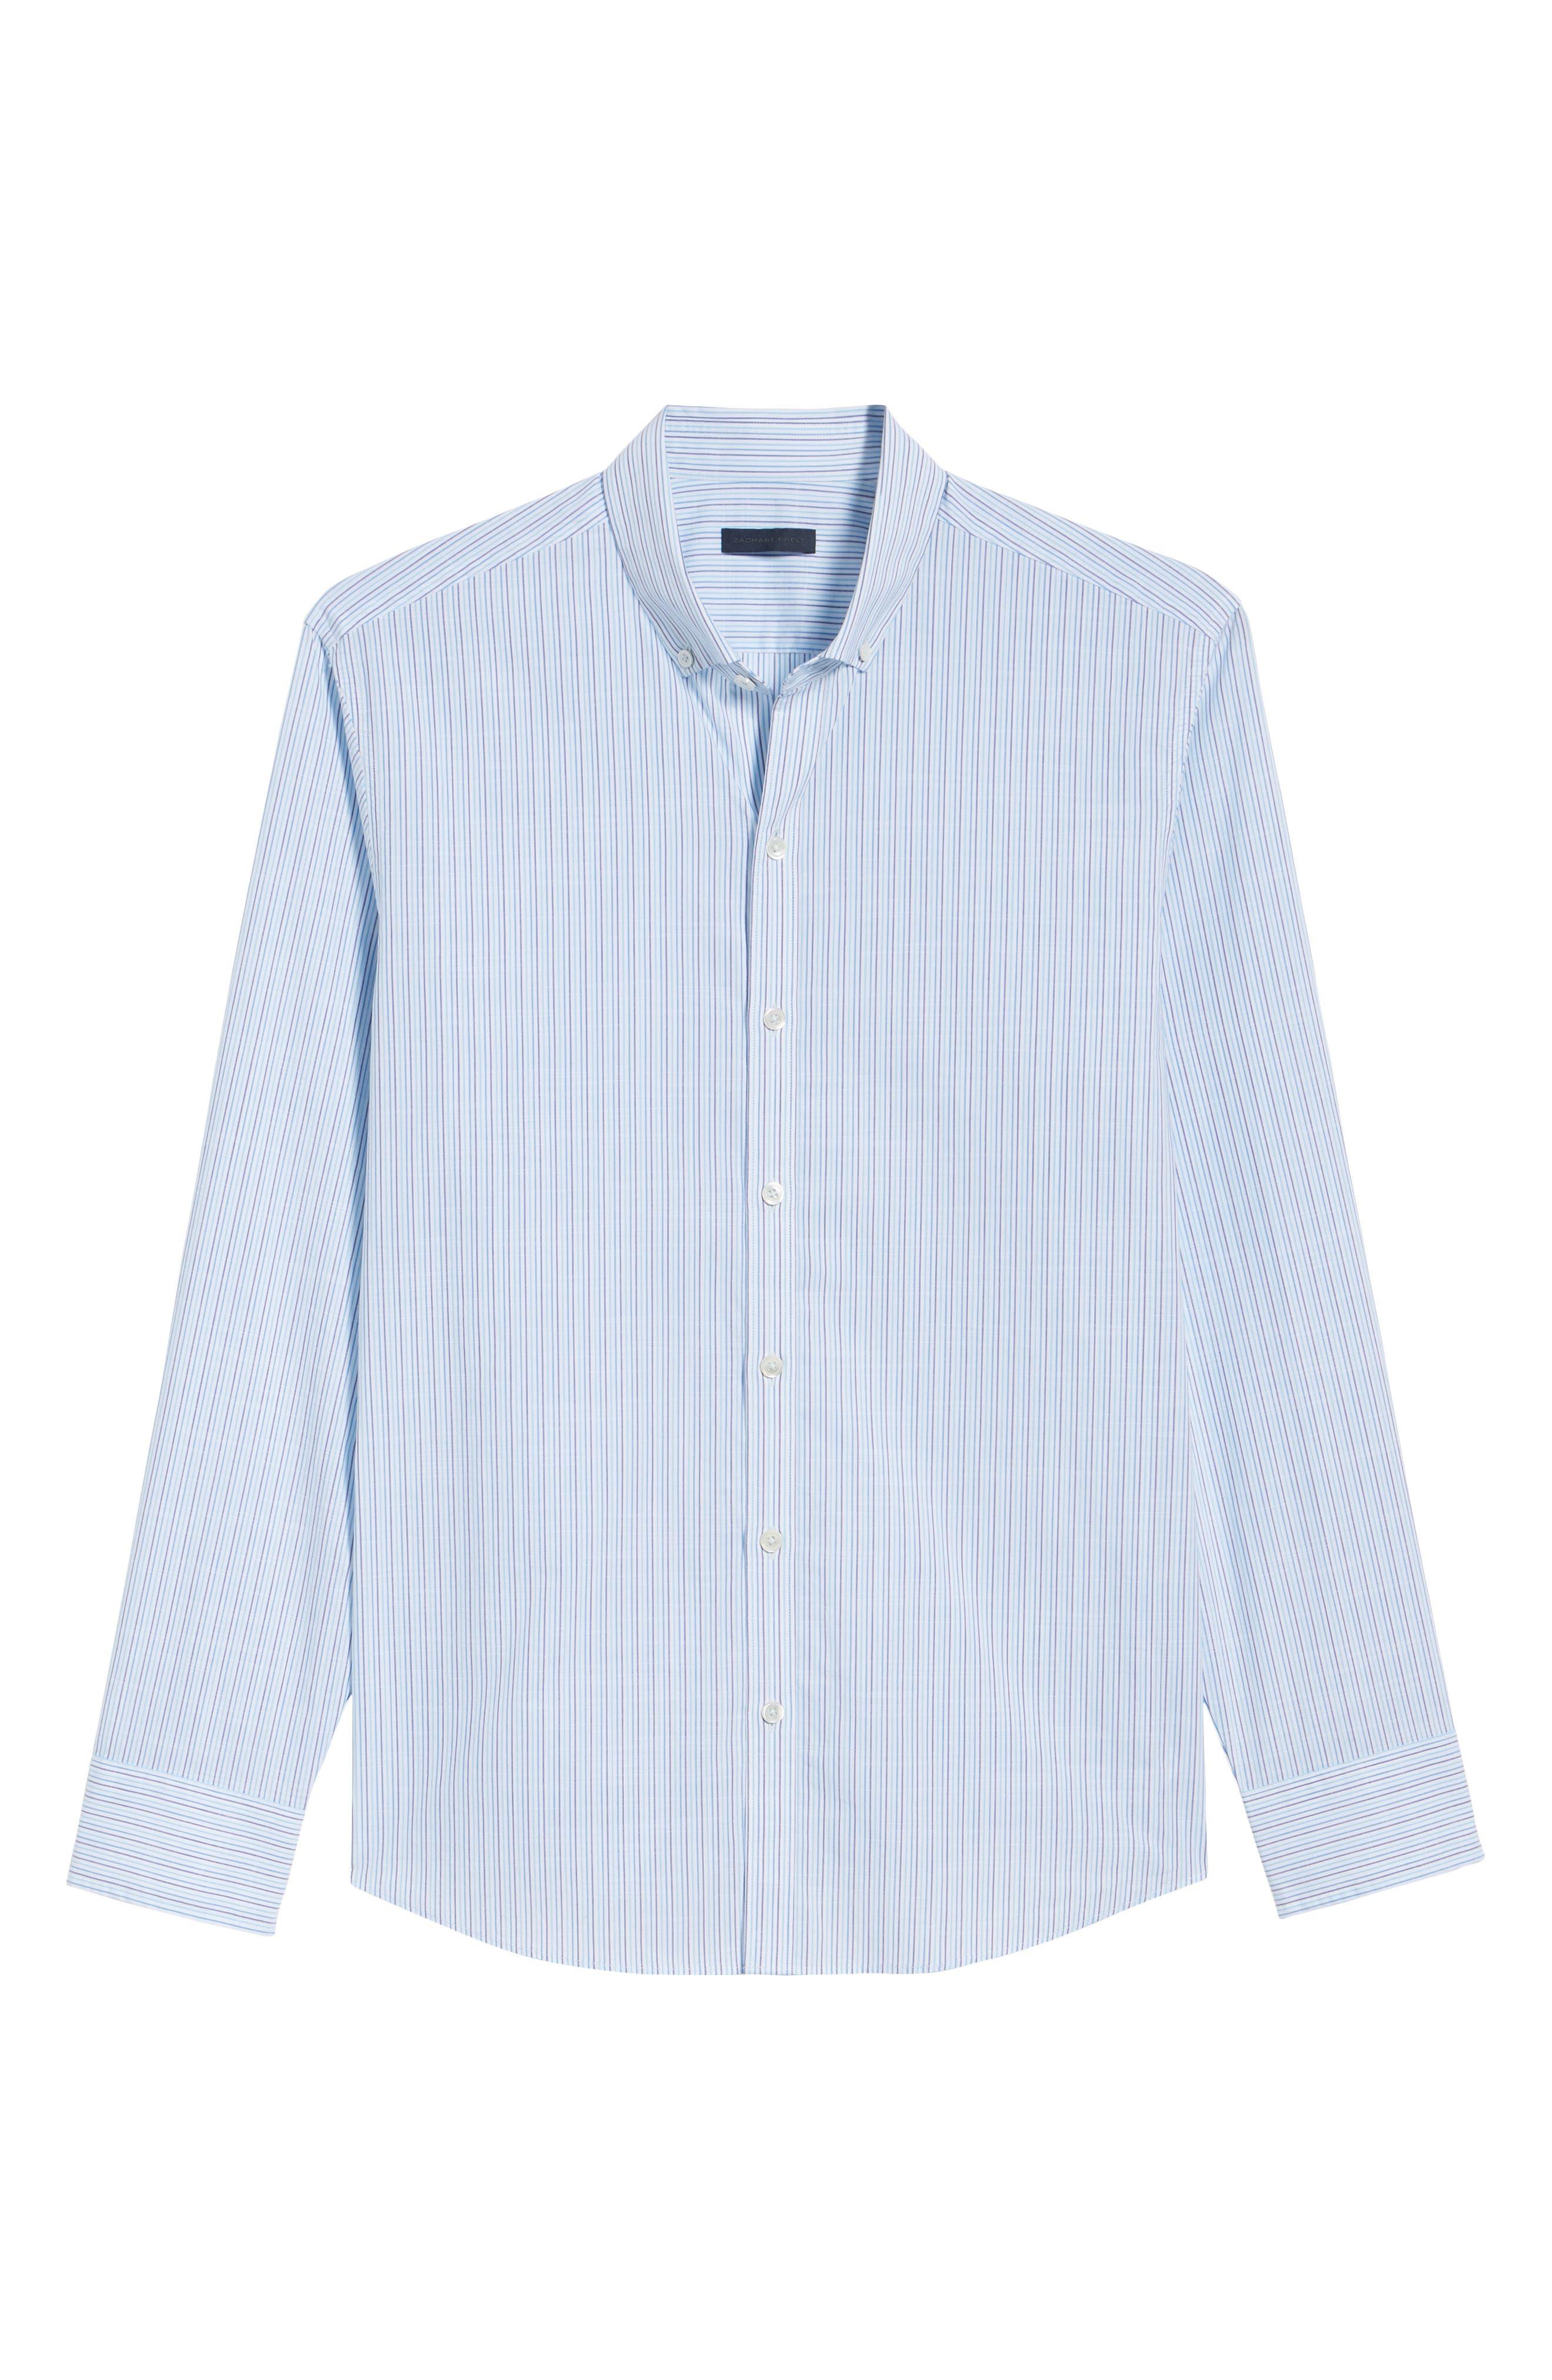 Skeeter Stripe Sport Shirt,                             Alternate thumbnail 6, color,                             440